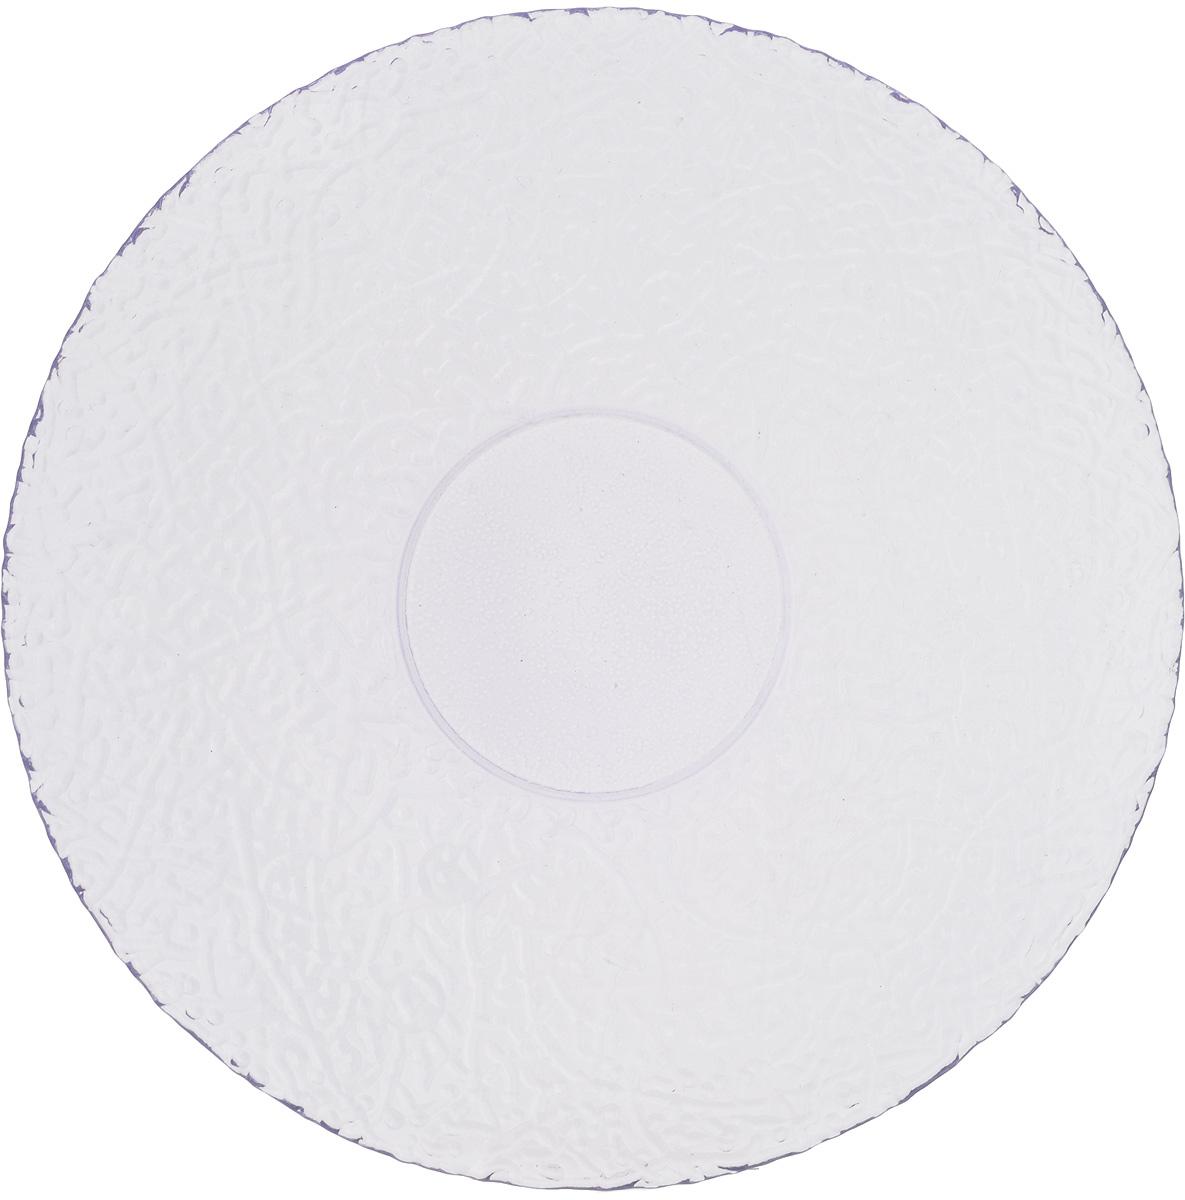 Тарелка NiNaGlass Ажур, цвет: светло-сиреневый, диаметр 26 см54 009312Тарелка NiNaGlass Ажур выполнена из высококачественного стекла и имеет рельефную внешнюю поверхность. Она прекрасно впишется в интерьер вашей кухни и станет достойным дополнением к кухонному инвентарю. Тарелка NiNaGlass Ажур подчеркнет прекрасный вкус хозяйки и станет отличным подарком.Диаметр тарелки: 26 см.Высота: 3 см.